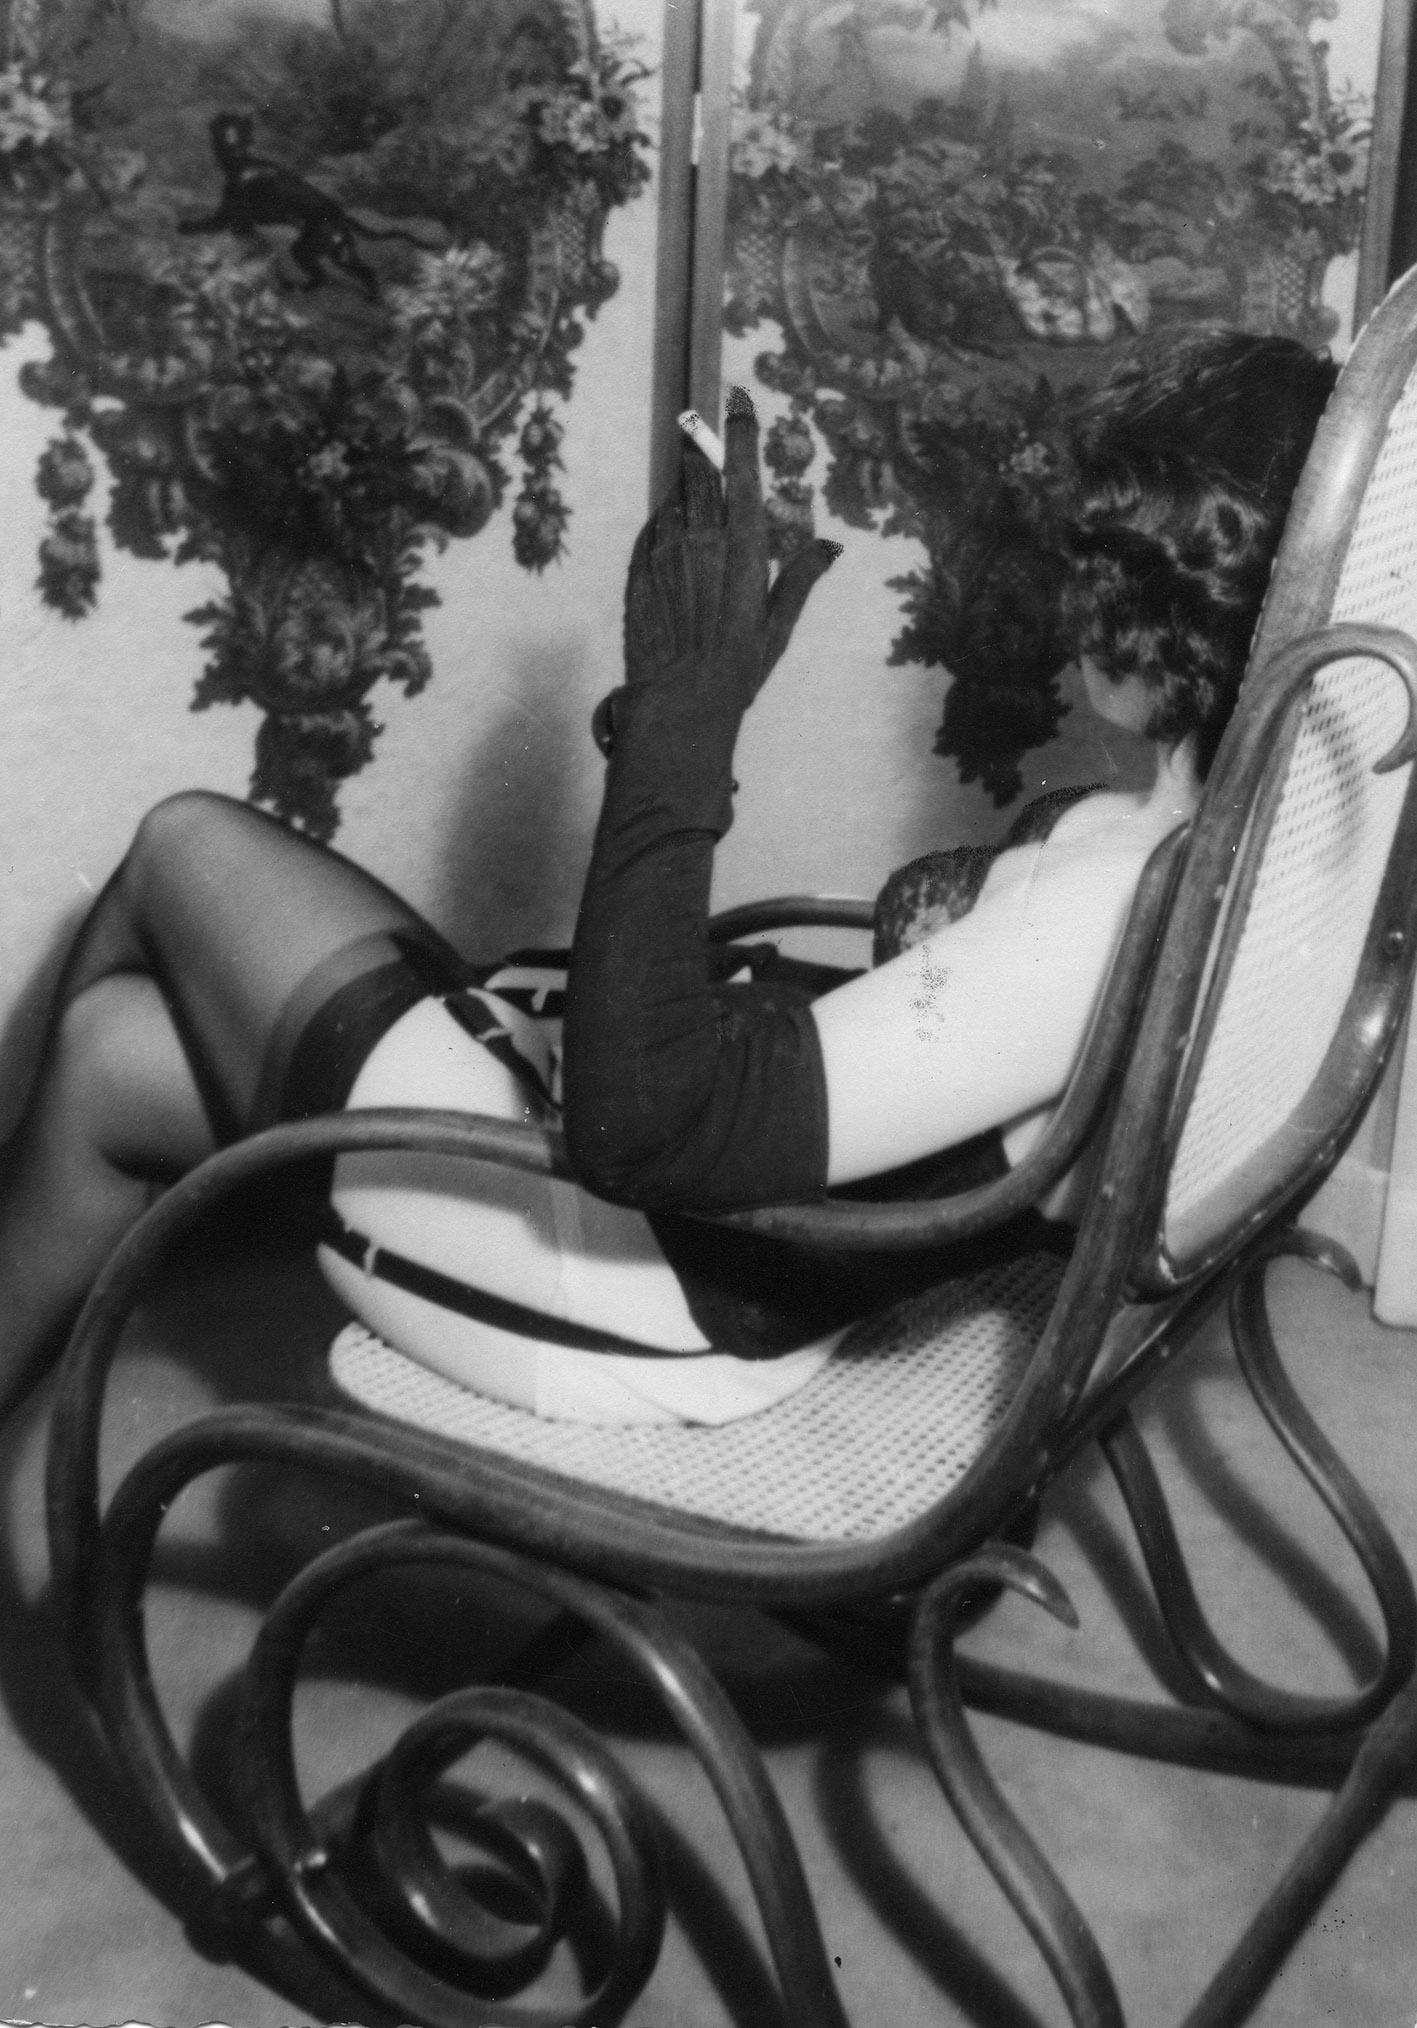 talenti_eventi_carlo_mollino_ritratto_1956_camera_occhio_magico_torino